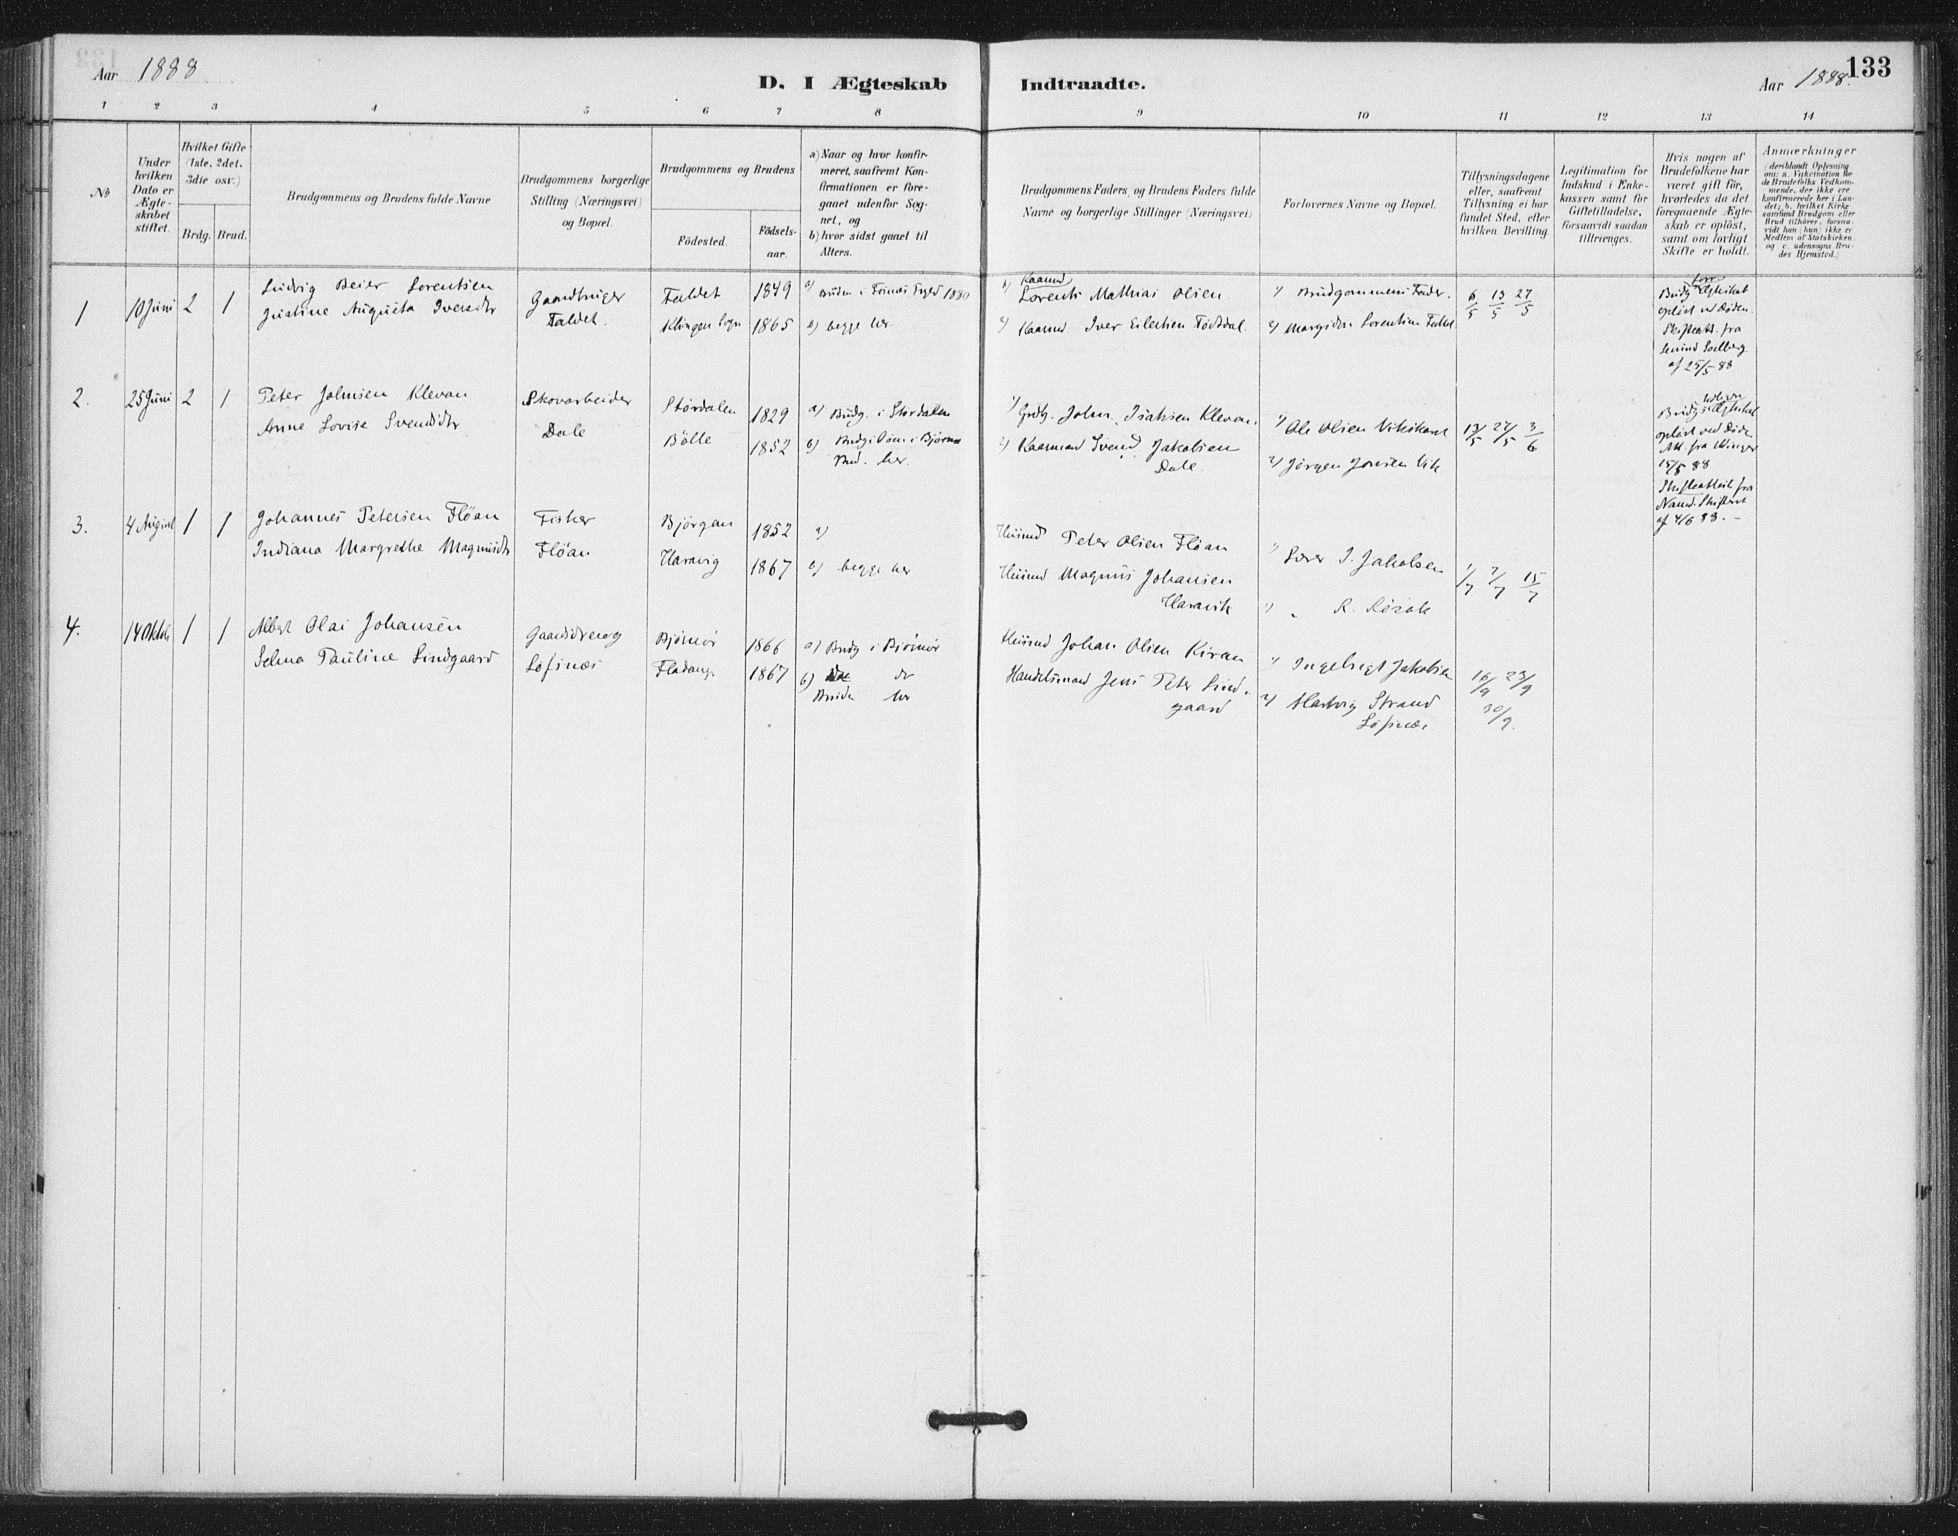 SAT, Ministerialprotokoller, klokkerbøker og fødselsregistre - Nord-Trøndelag, 772/L0603: Ministerialbok nr. 772A01, 1885-1912, s. 133